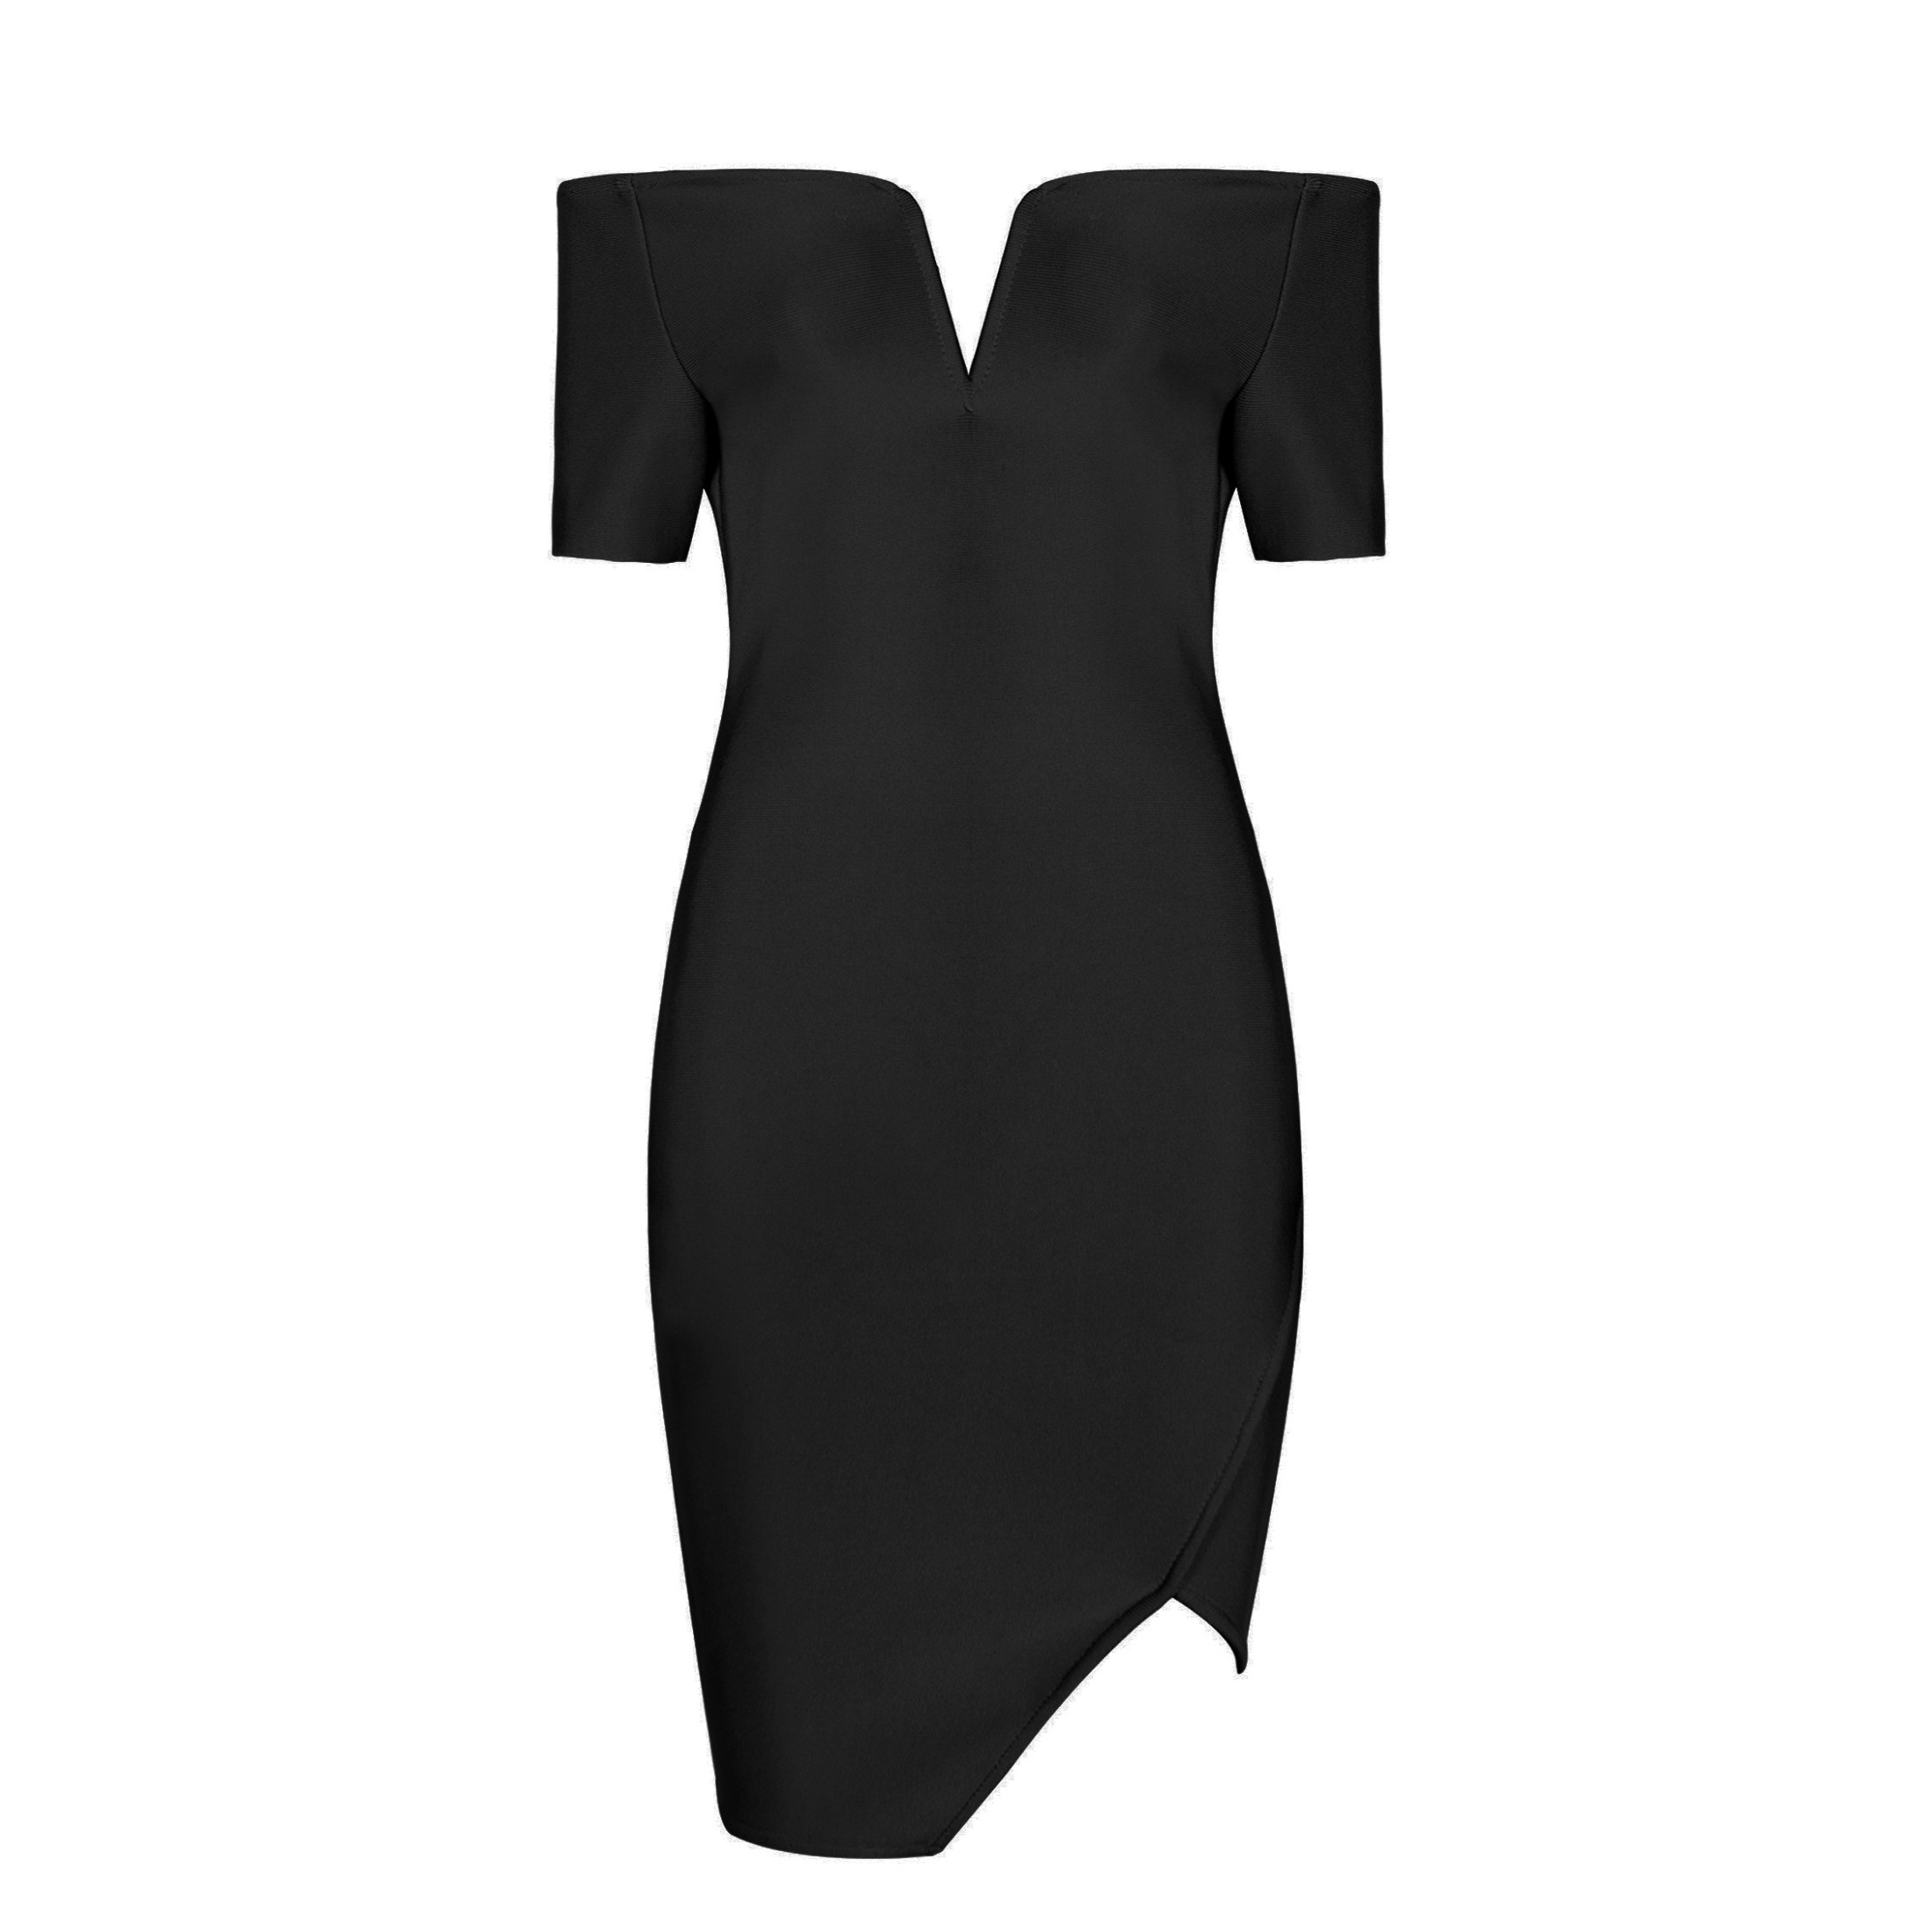 Black Off Shoulder Cap Sleeve Mini Side Slitted Oem Bandage Dress HB994-Black